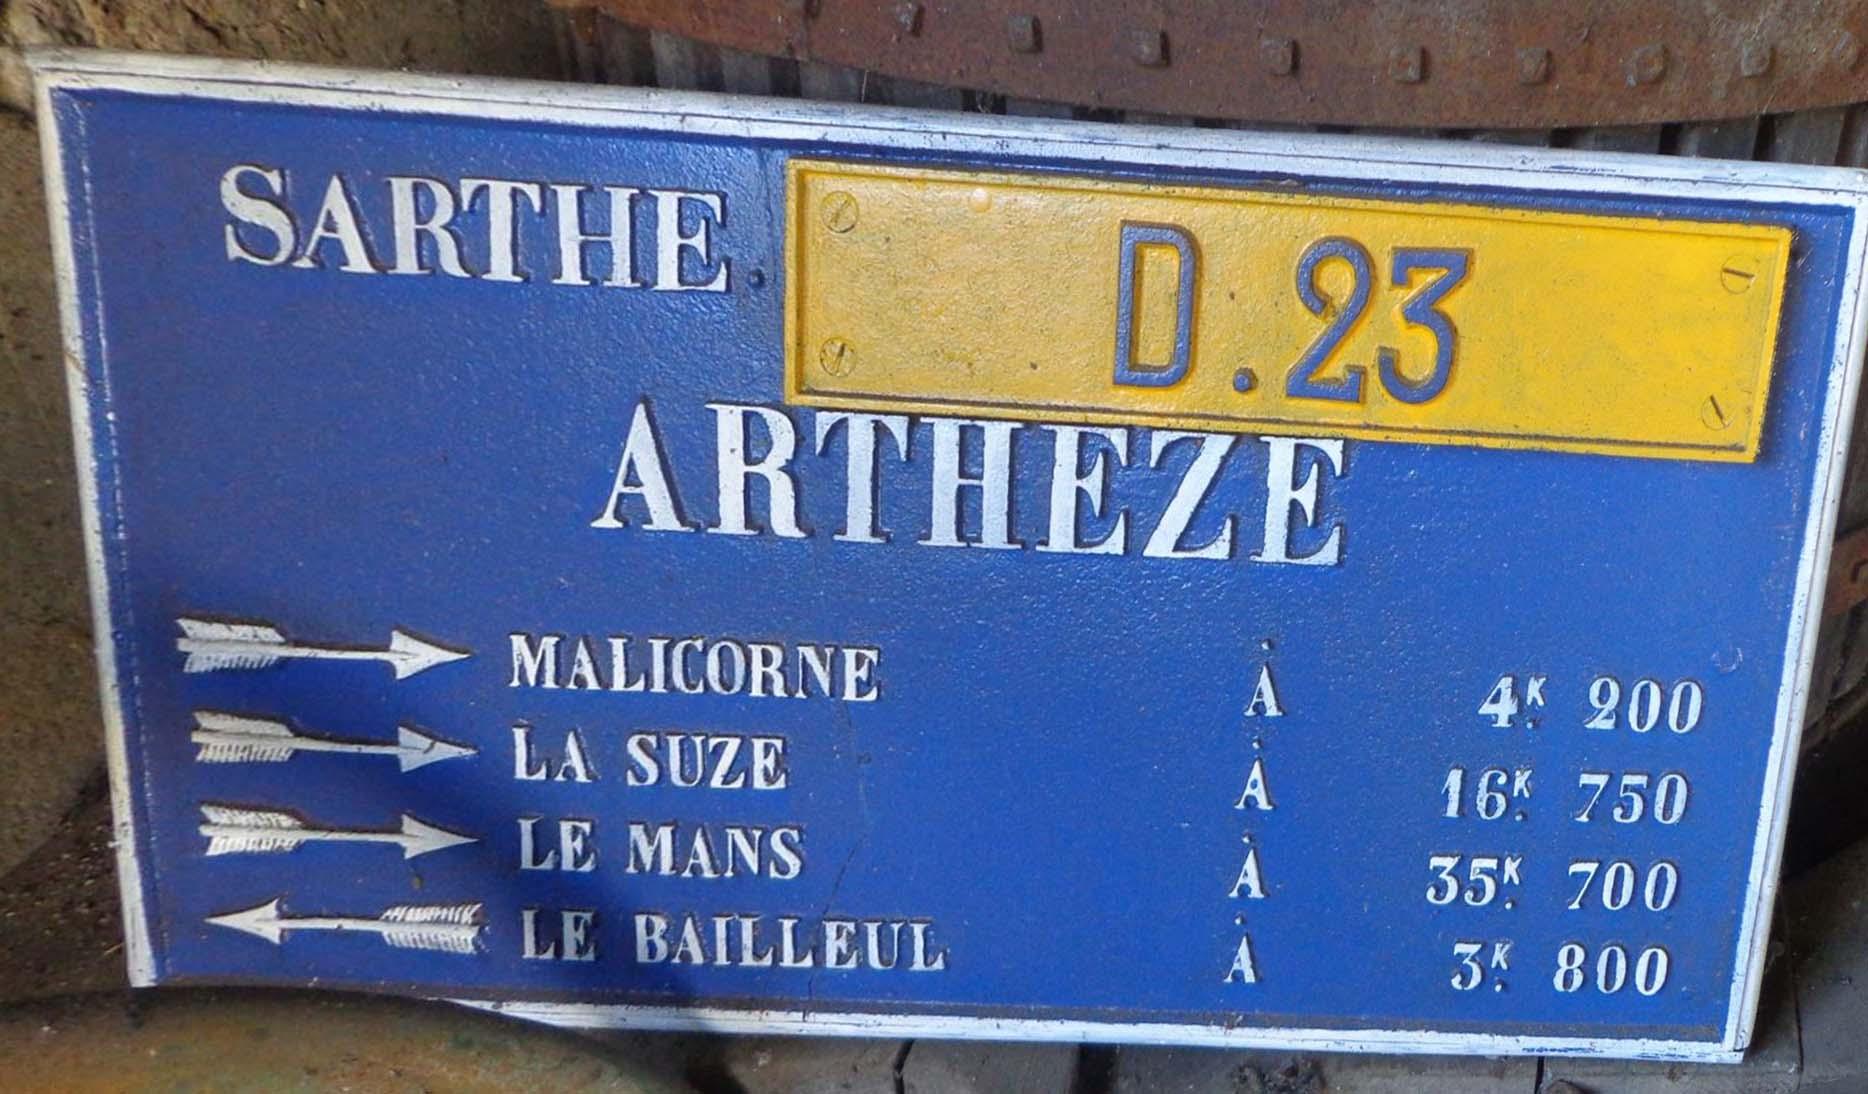 Arthezé, rue Notre Dame - Plaque de cocher - Malicorne - La Suze - Le Mans - Le Bailleul (Marie-Yvonne Mersanne)